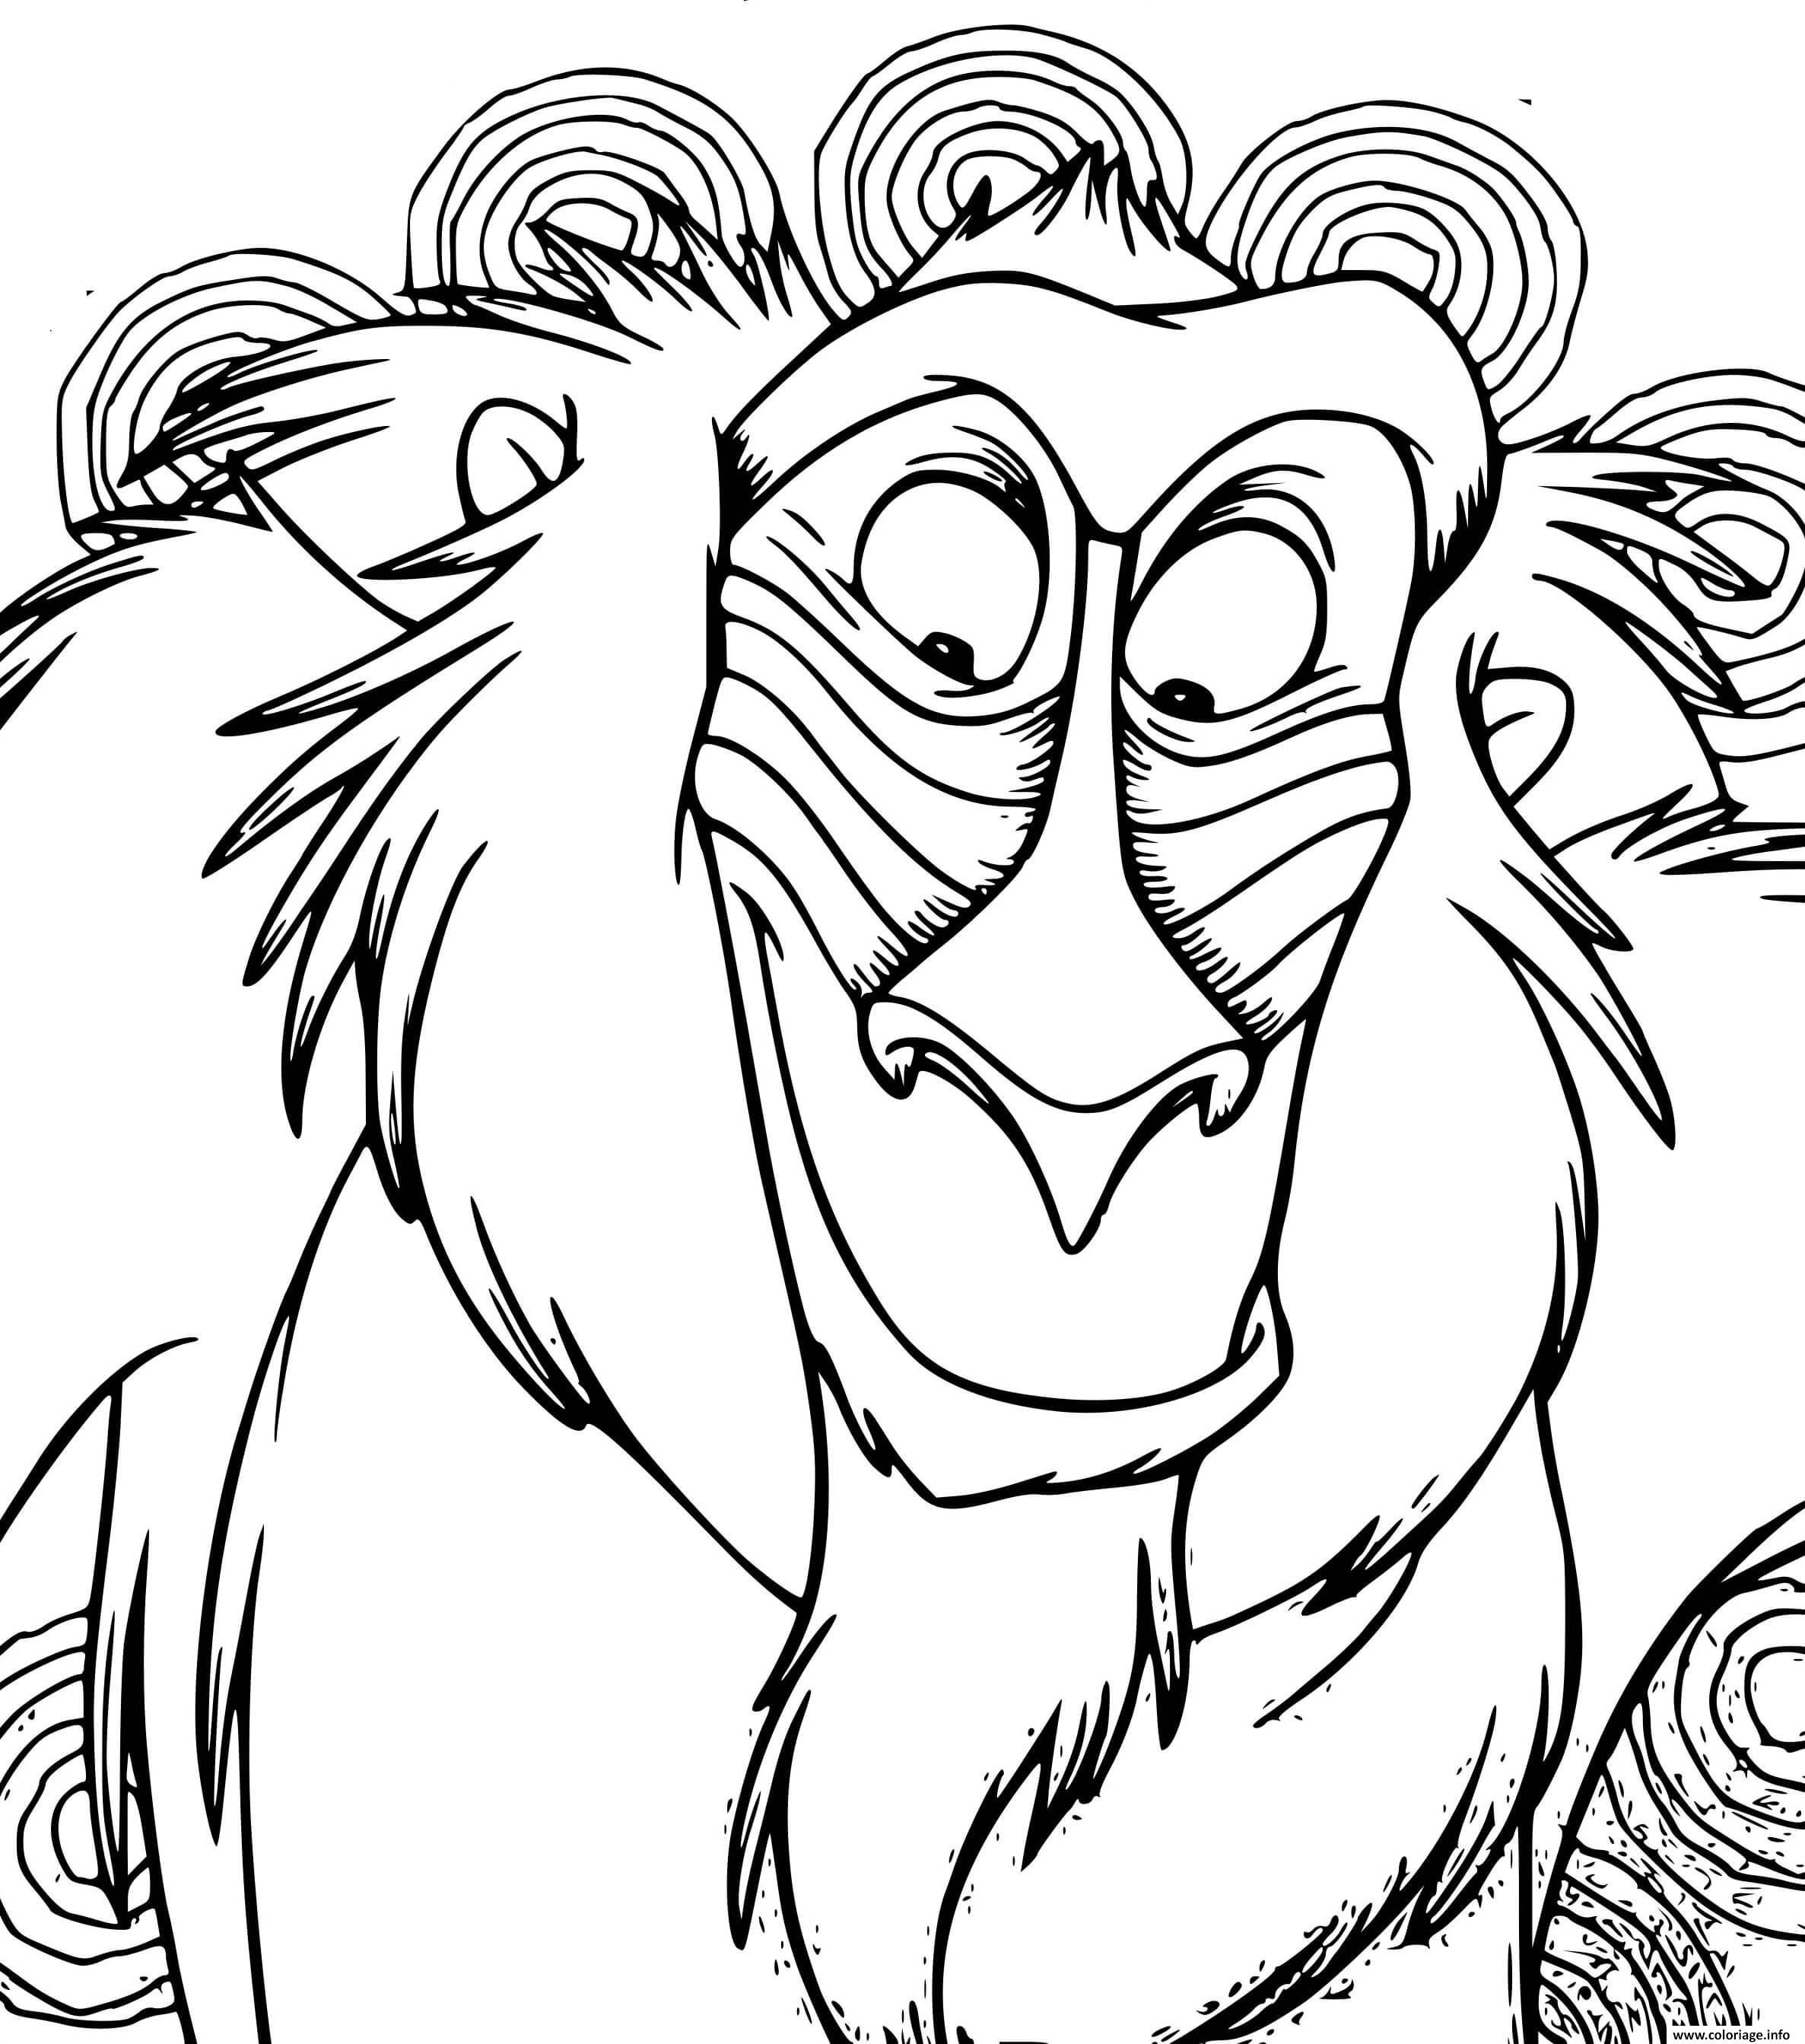 Dessin rafiki roi lion bataille sur la terre des lions Coloriage Gratuit à Imprimer